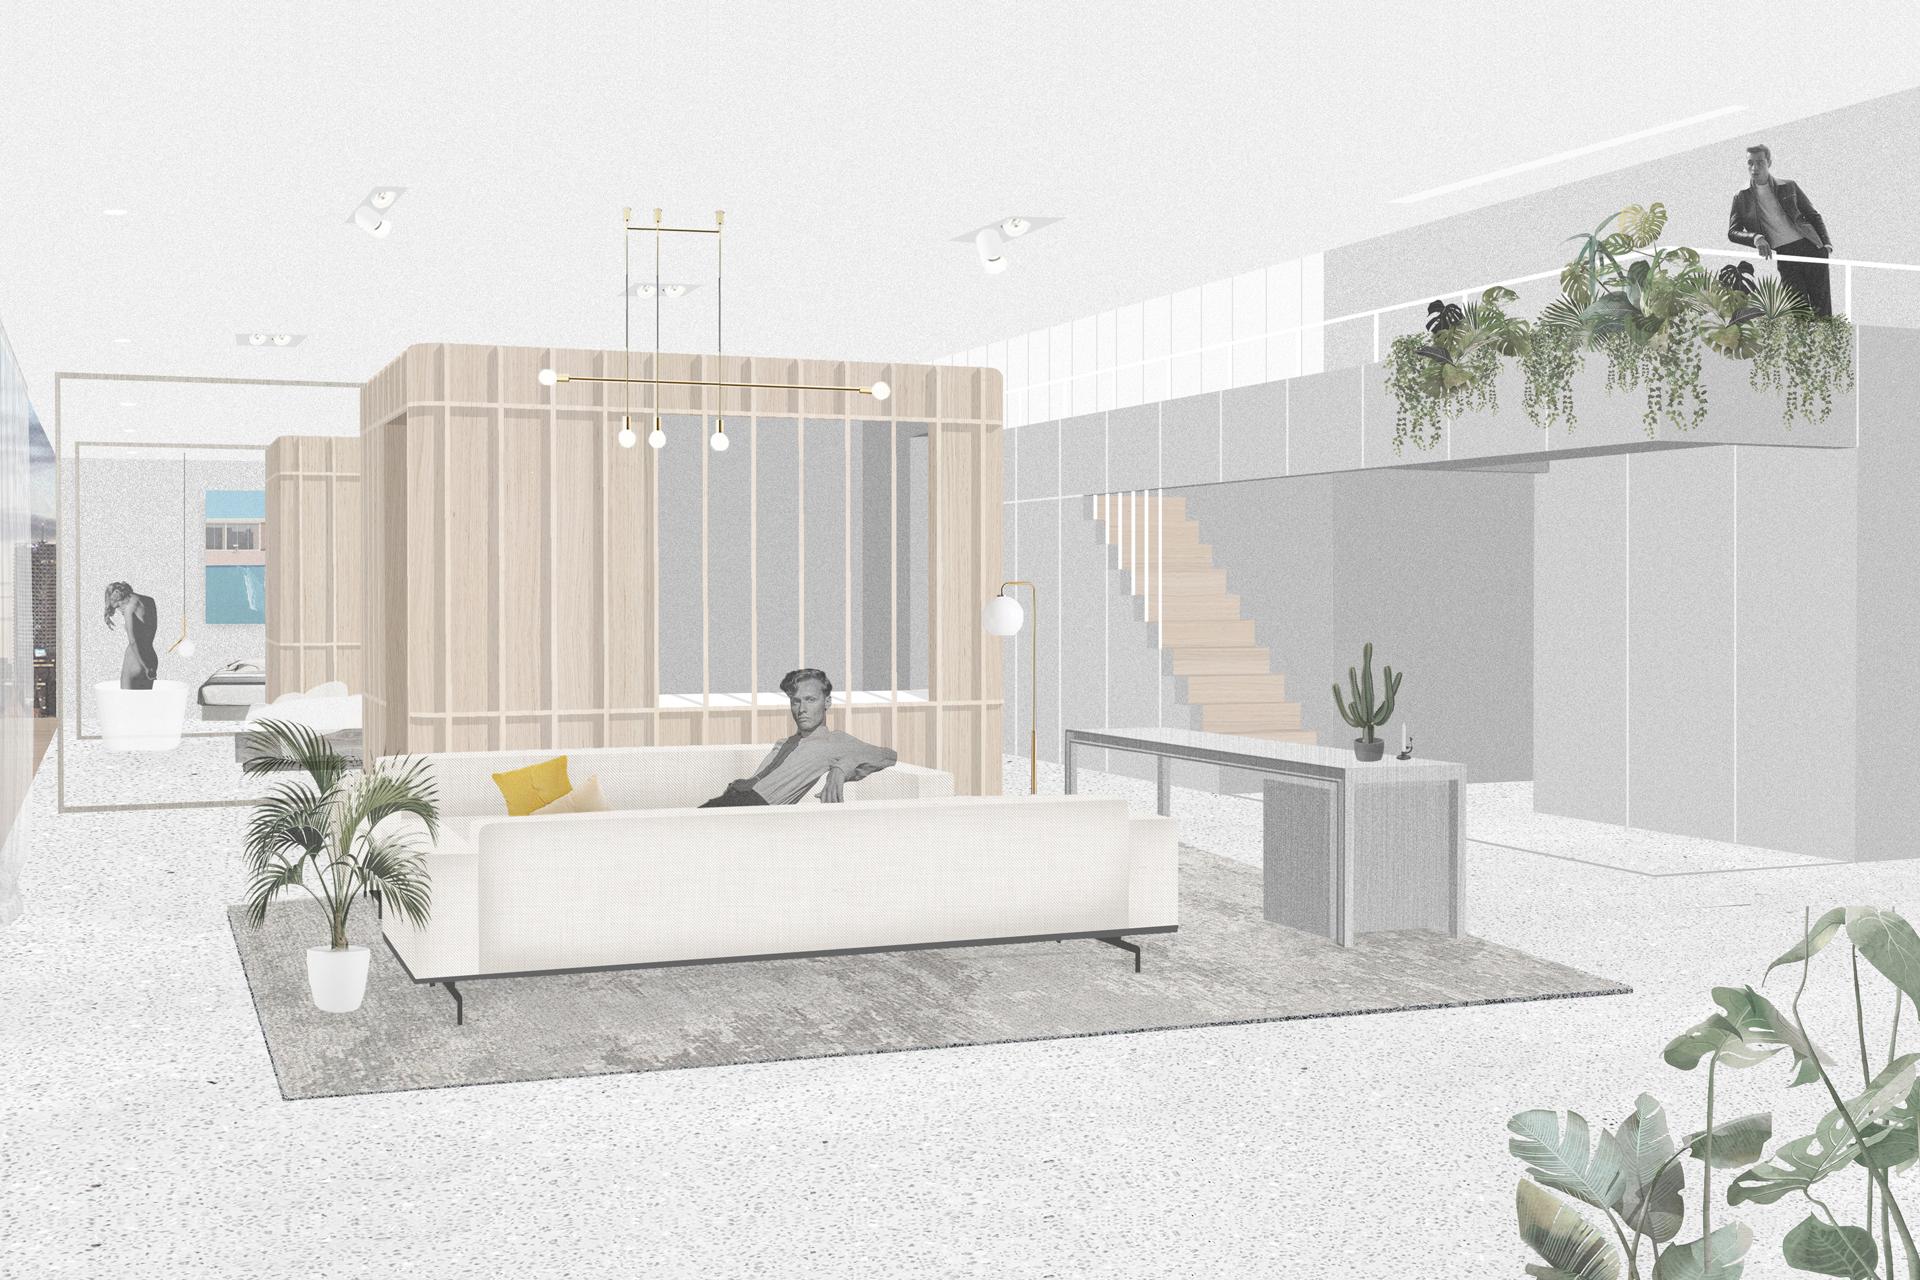 Bureau-Fraai_Penthouse-Oostduin_03_1920x1280